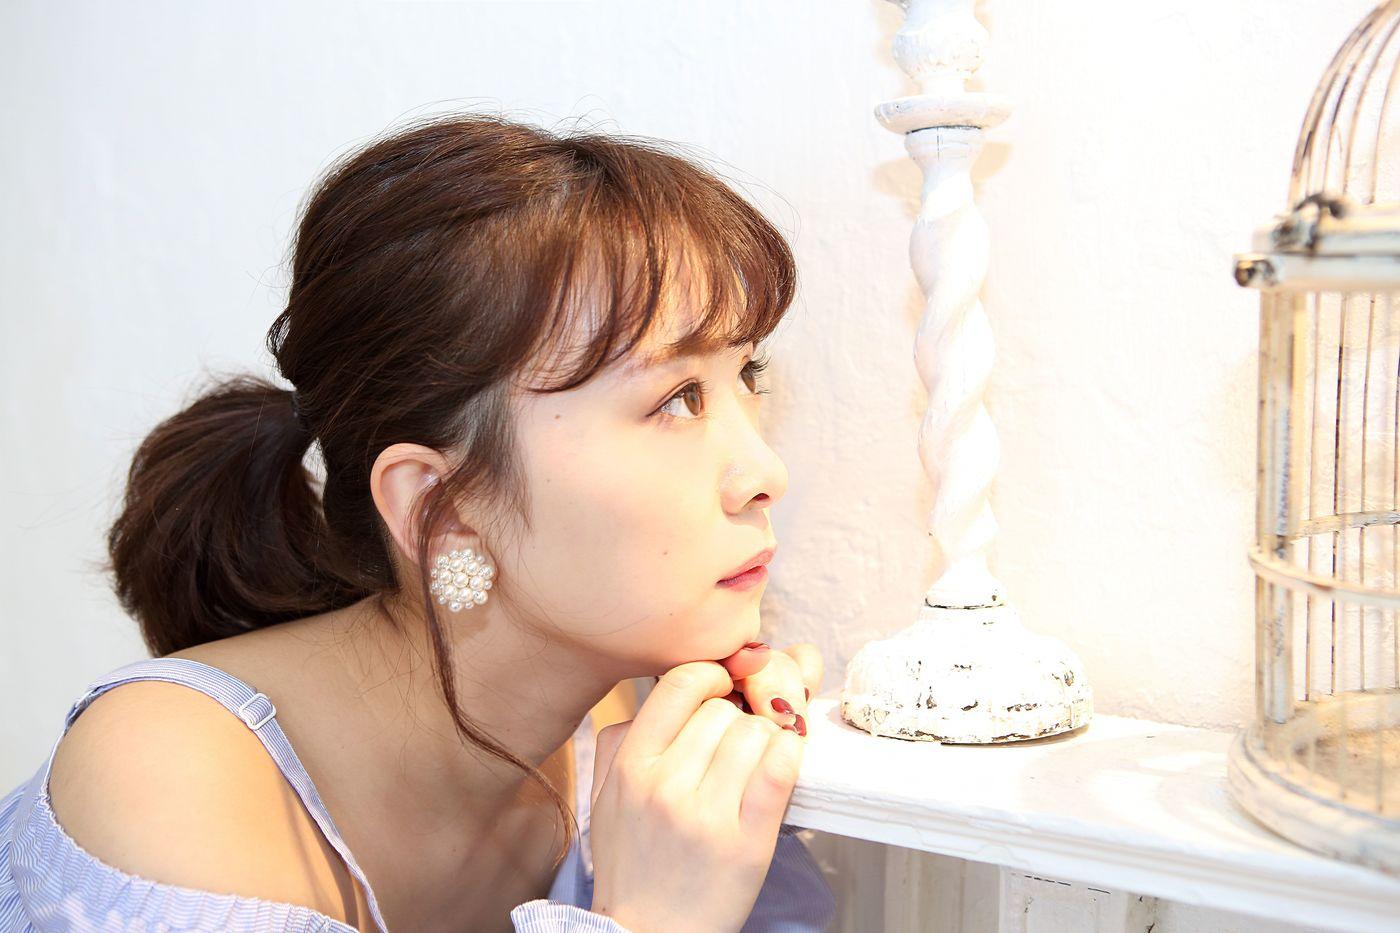 平松可奈子ちゃんの美容法♡変わらない可愛さと強いメンタルの秘密の4枚目の画像